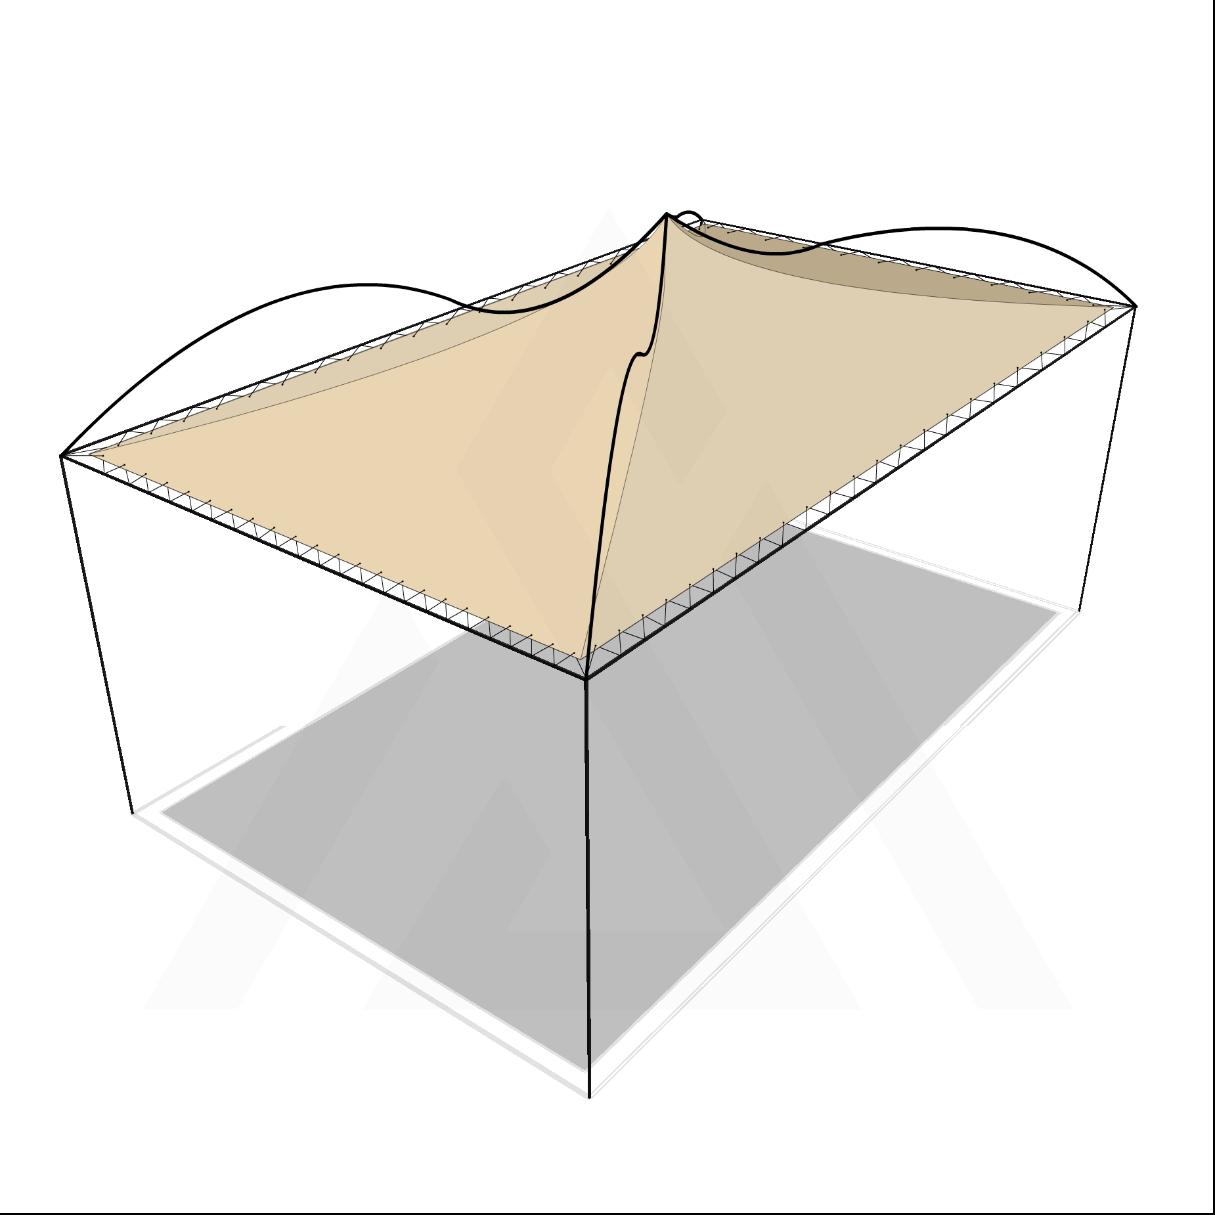 Bâche tonnelle rectangle 4 pentes suspendue